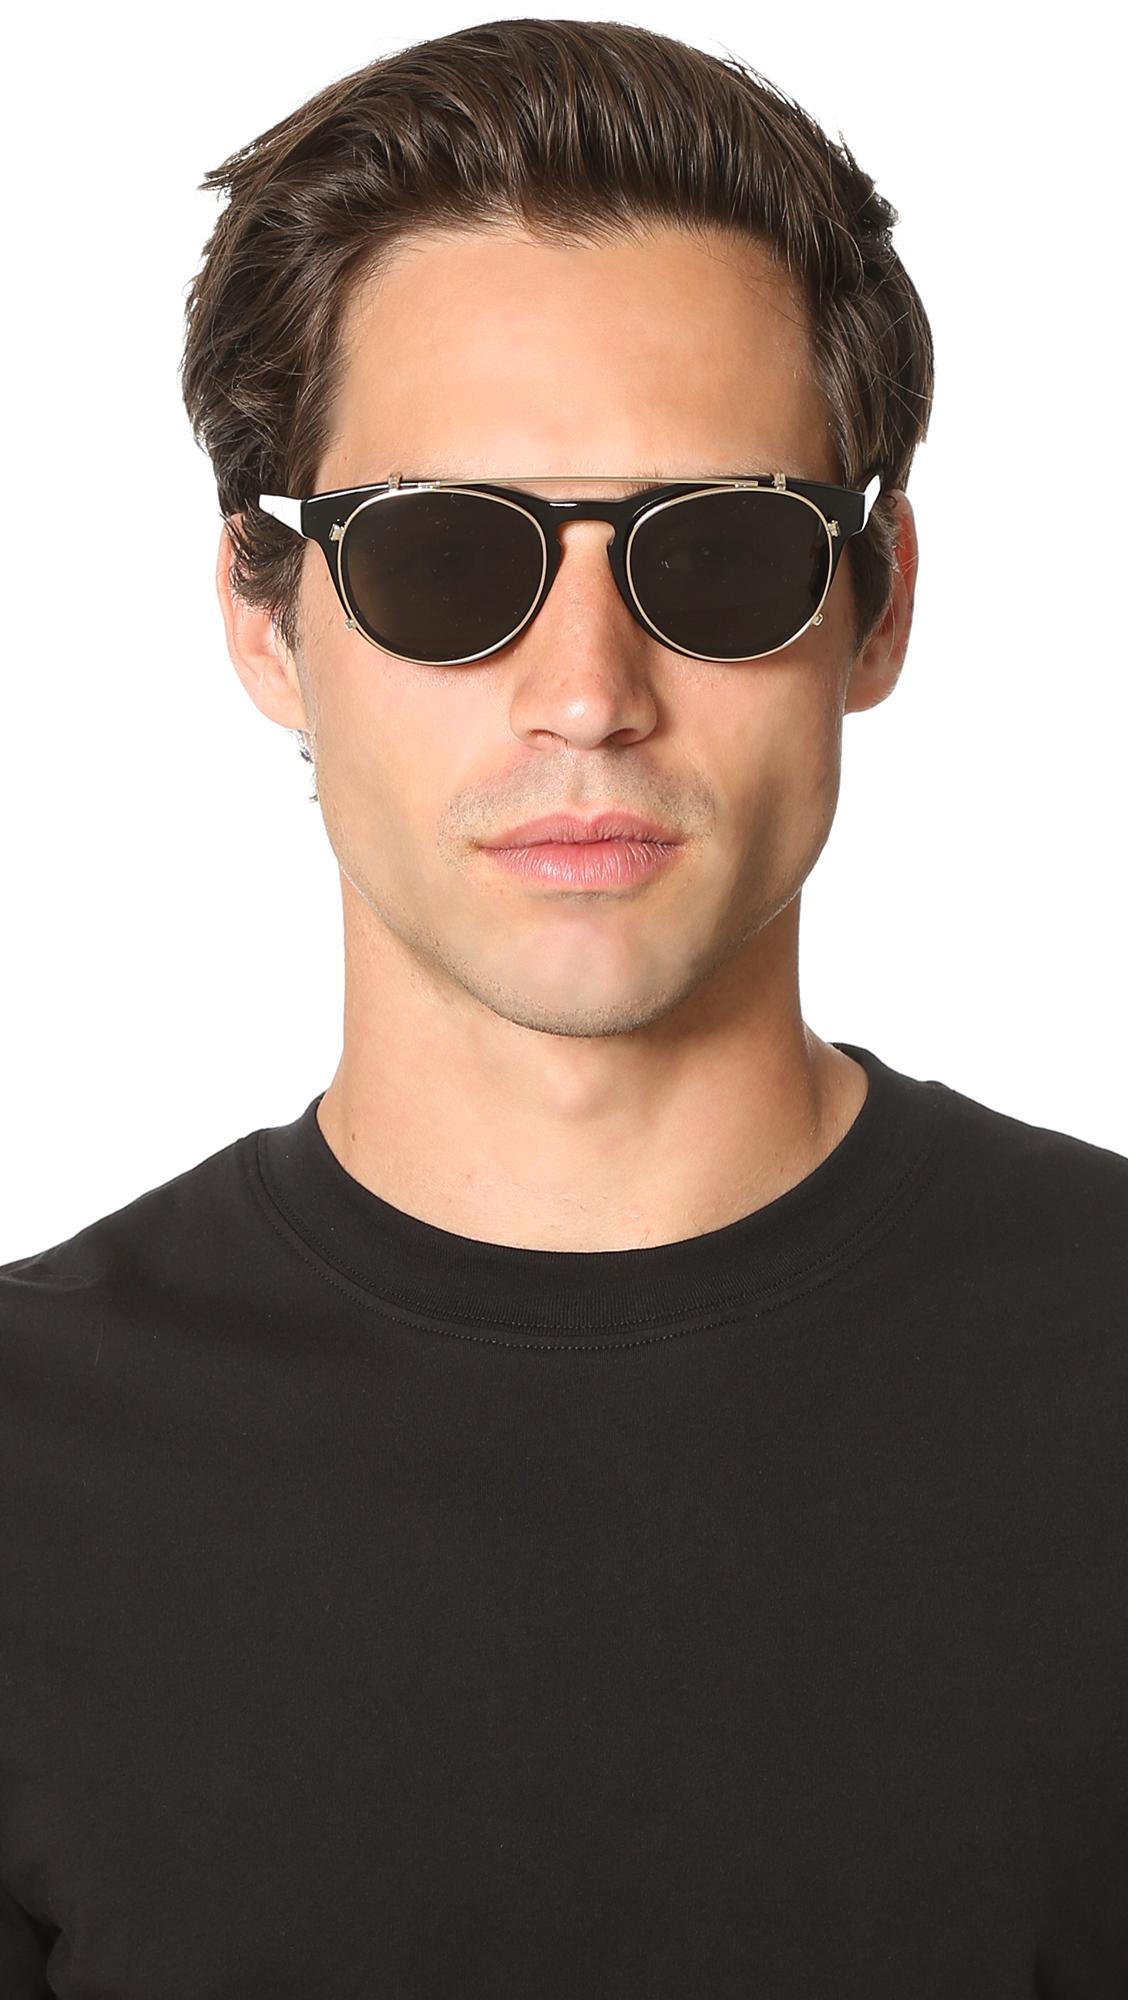 HAN Kj?benhavn Black & Gold Timeless Clip-On Sunglasses VhVyrwUg